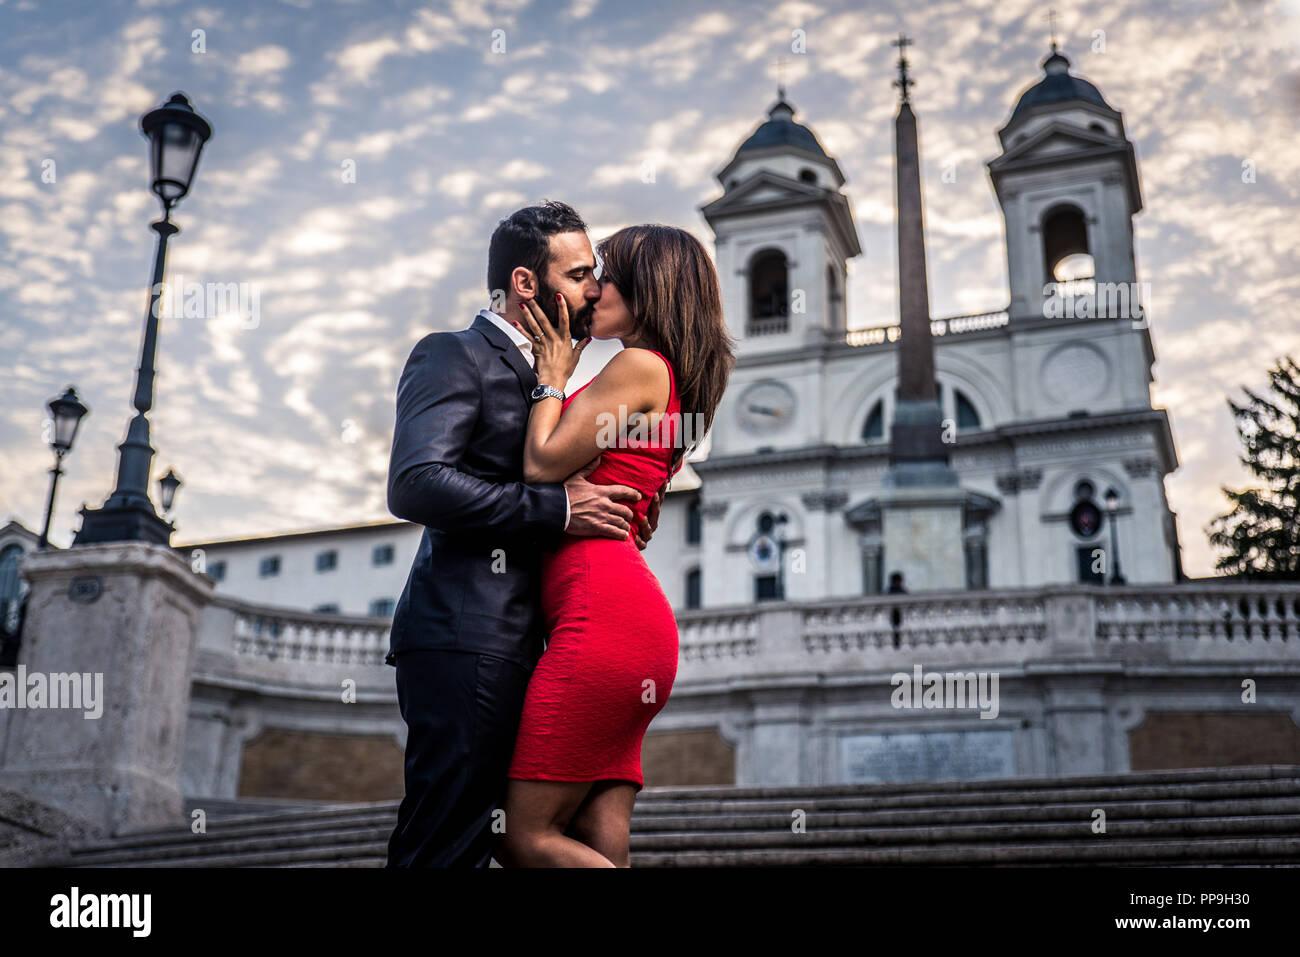 Dating-rom are jaclyn swartz und ed swiderski noch datieren